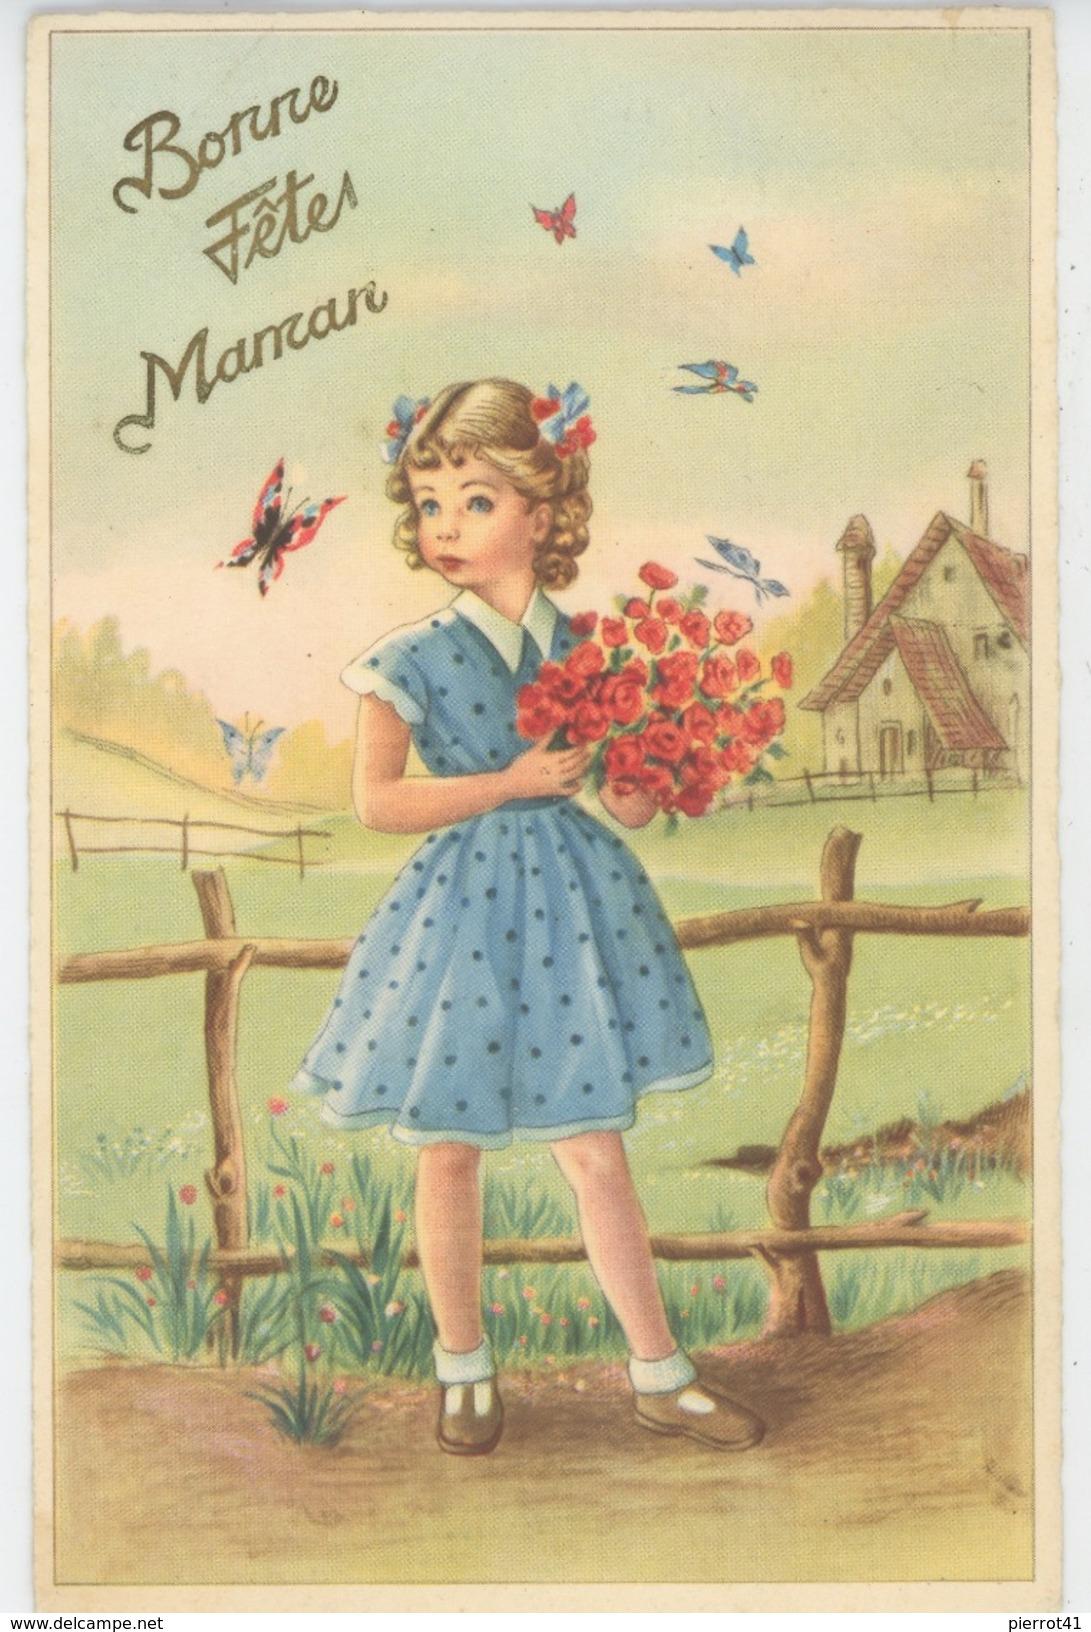 """ENFANTS - Lot De 3 Jolies Cartes Fantaisie Femme Bébé Fillette Avec Fleurs Papillons """"Bonne Fête Maman """" - Fête Des Mères"""